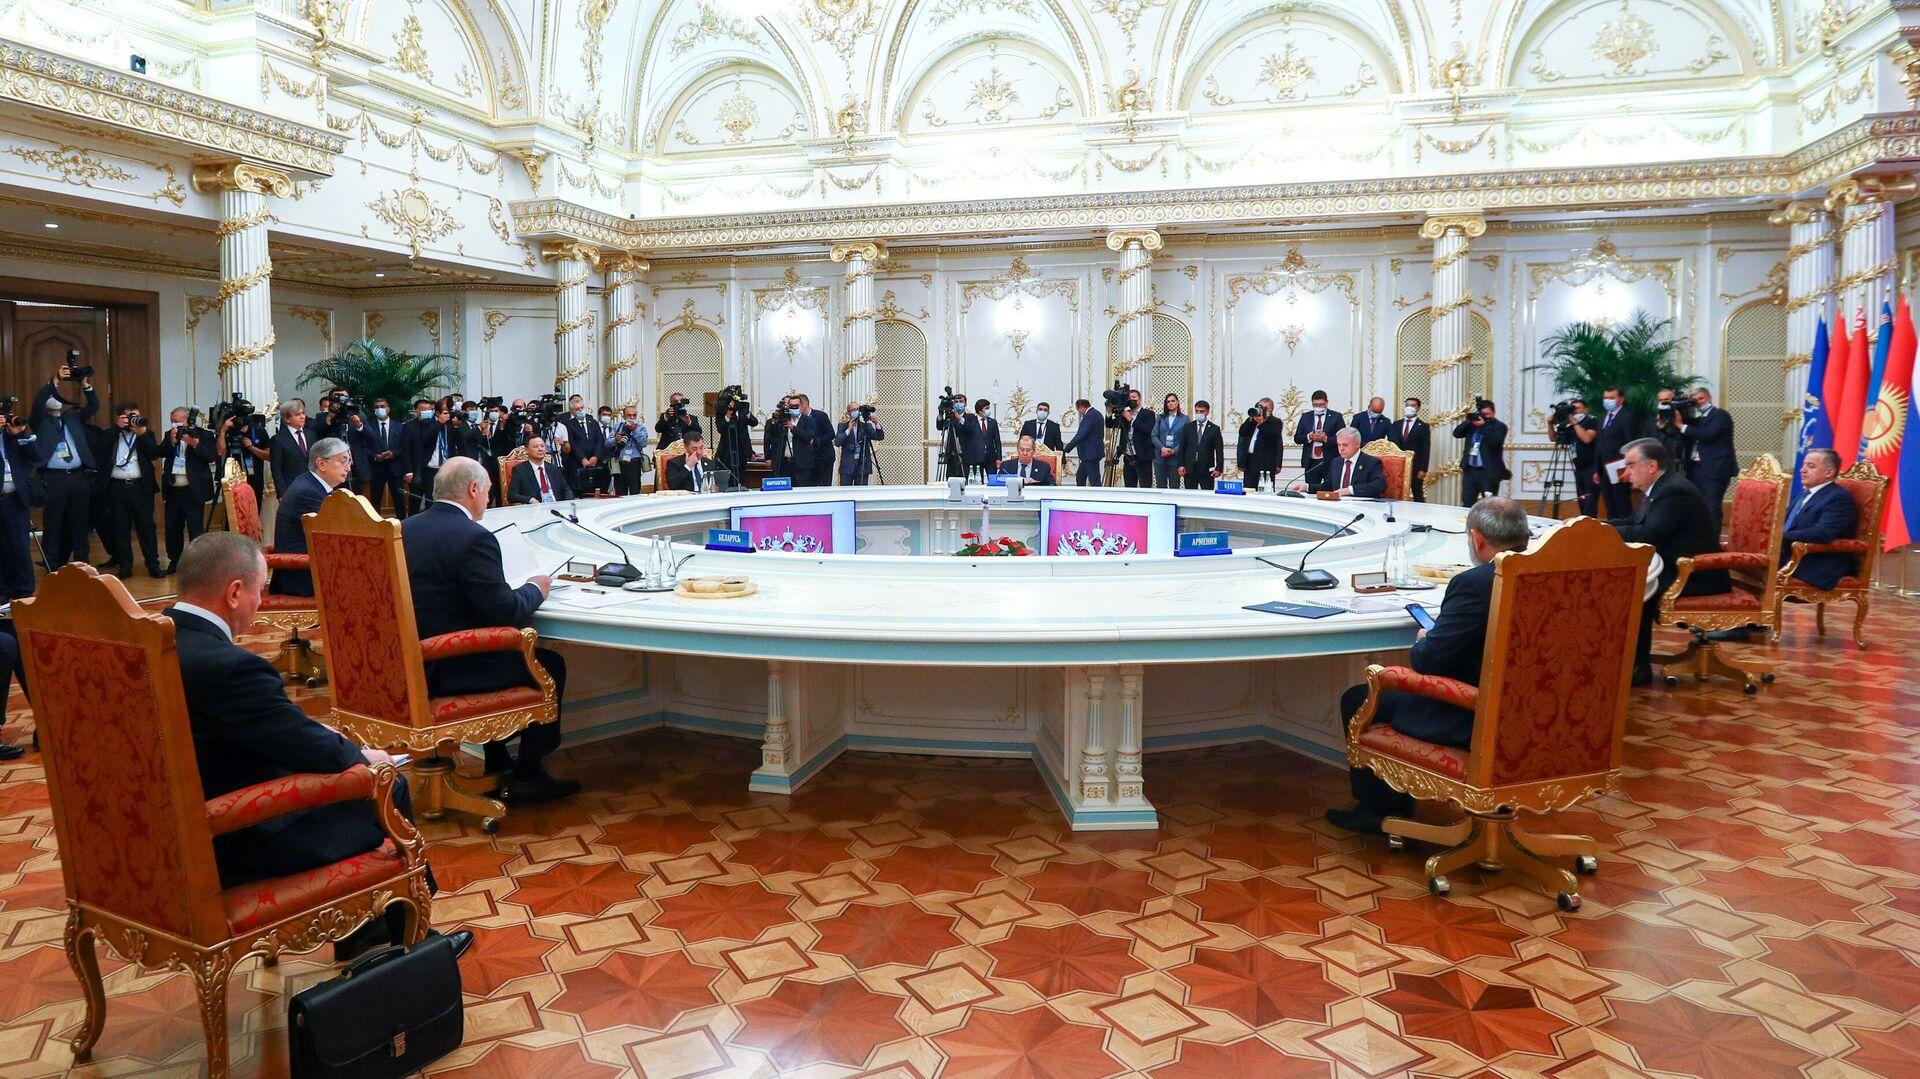 Заседание Совета коллективной безопасности ОДКБ - РИА Новости, 1920, 16.09.2021